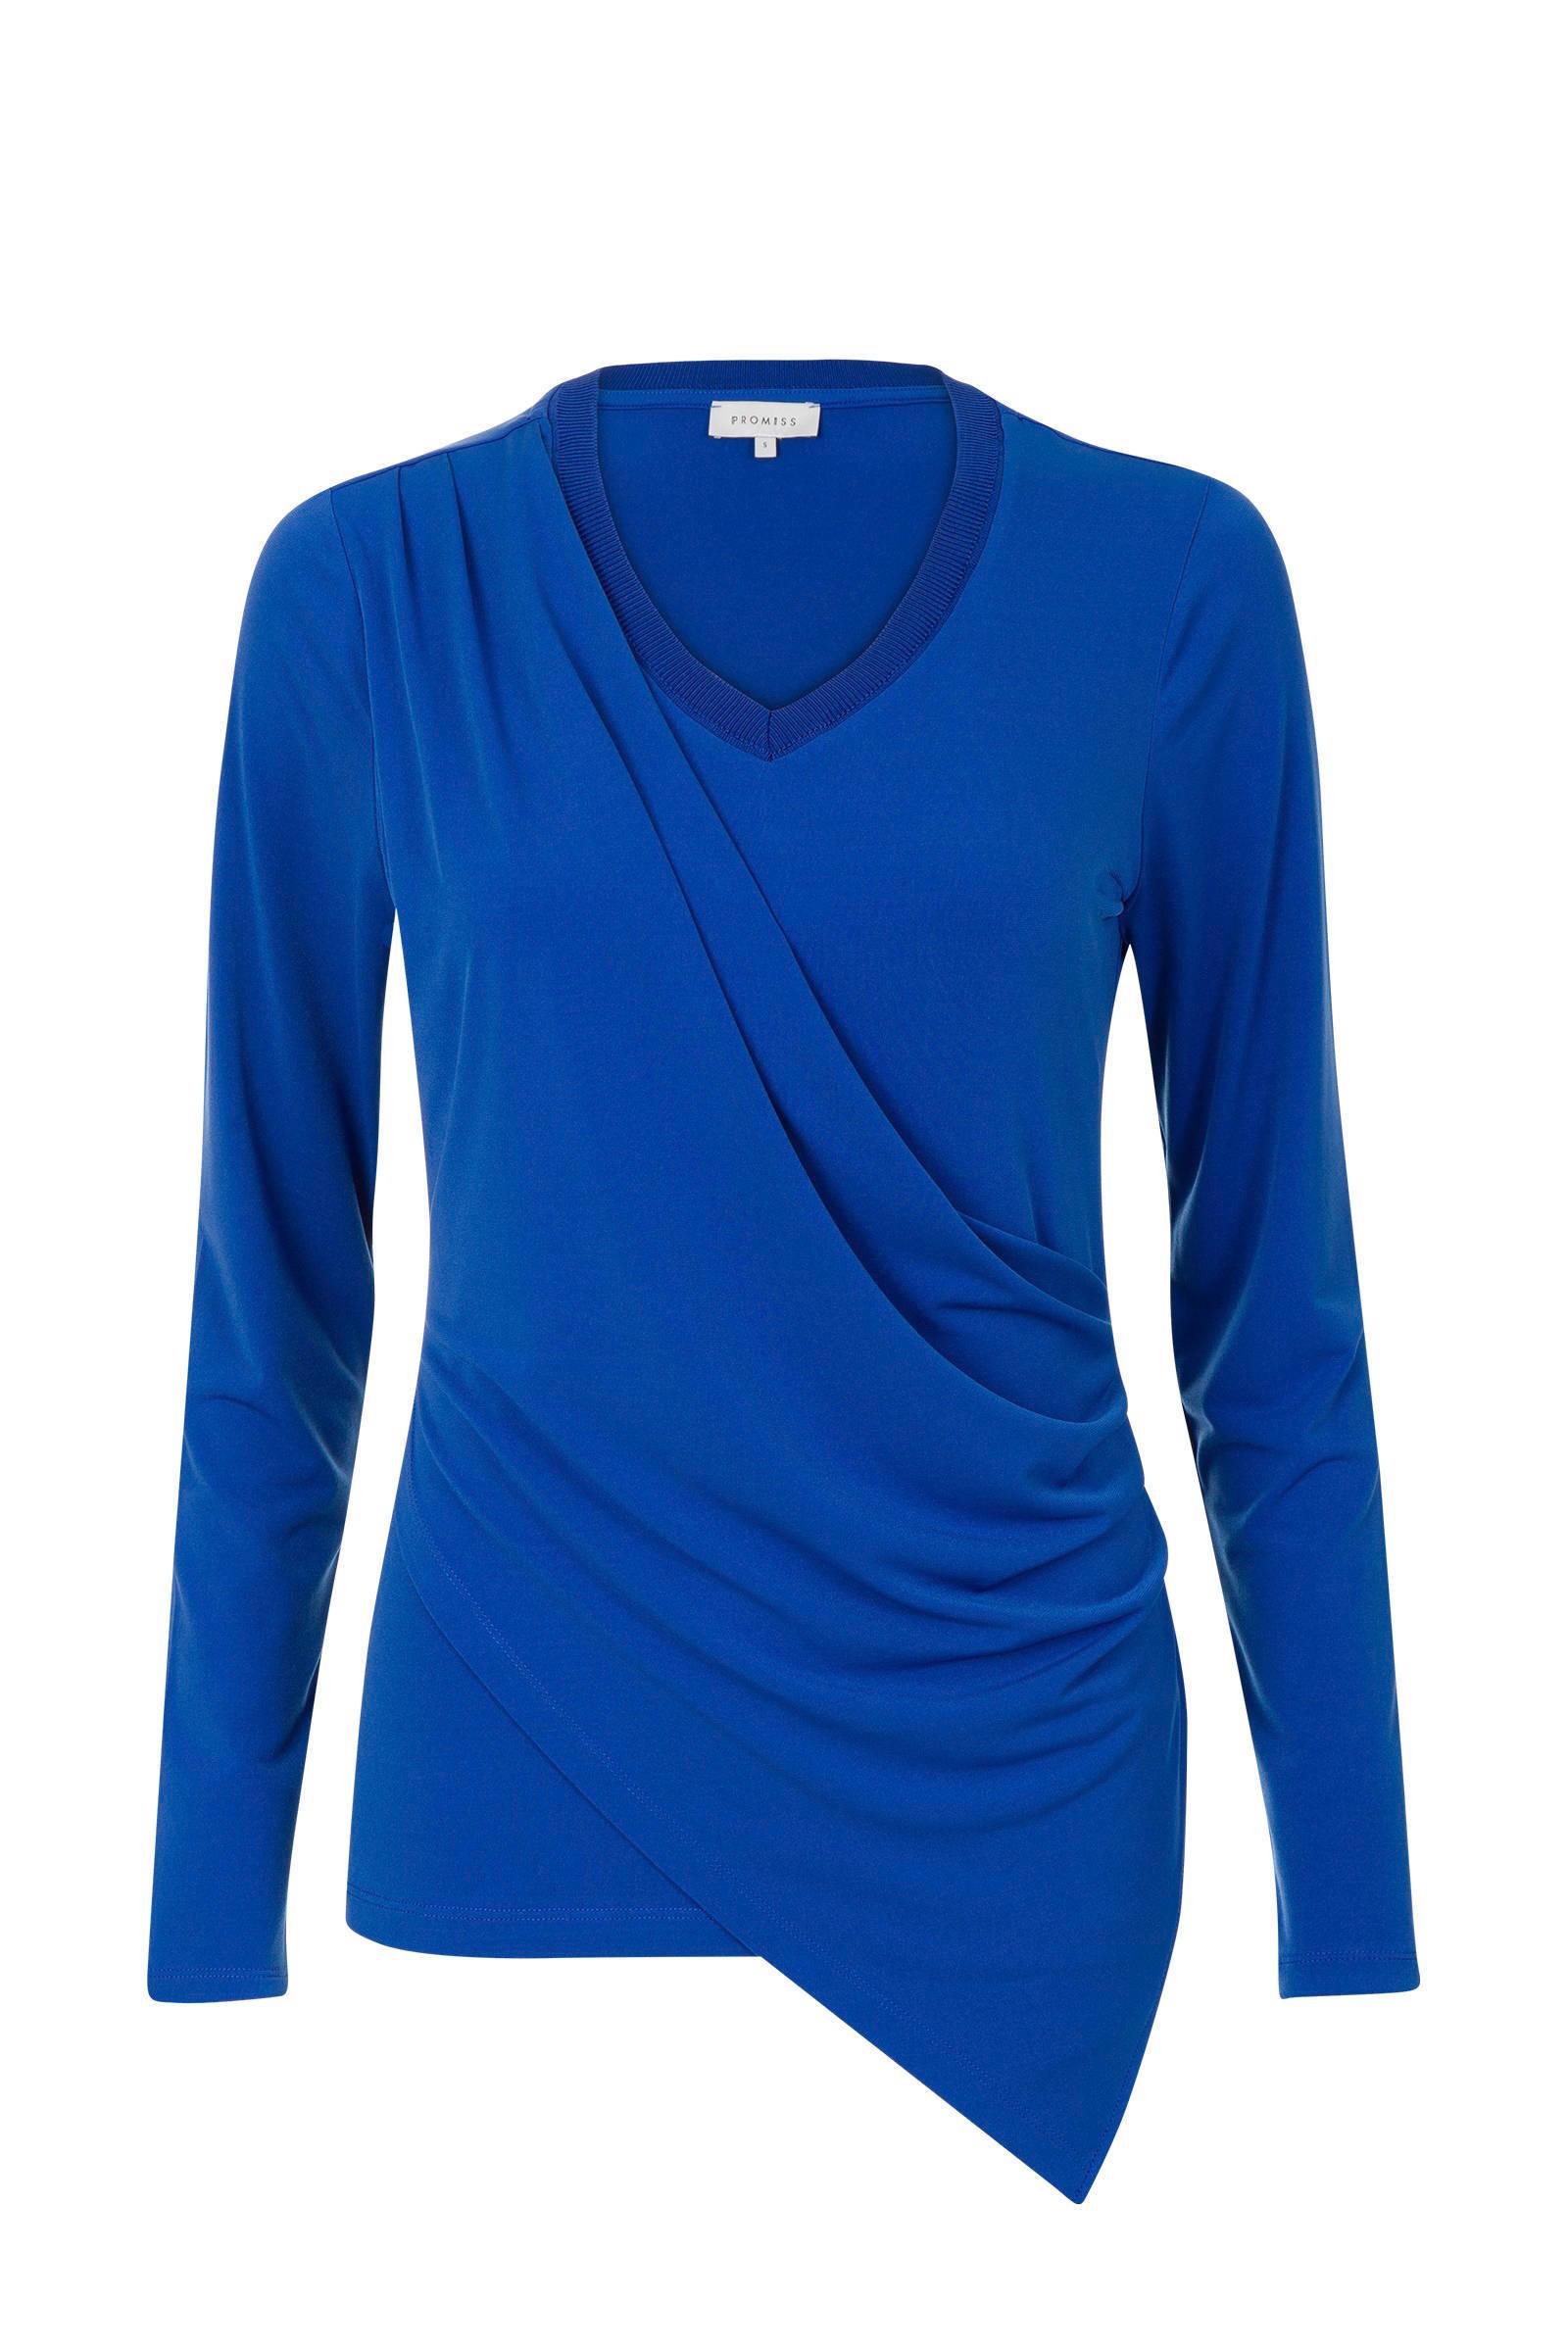 28a993f01804b2 Gratis SALE 20 bij dames tops bezorging shirts amp  T wehkamp vanaf qPRAq0